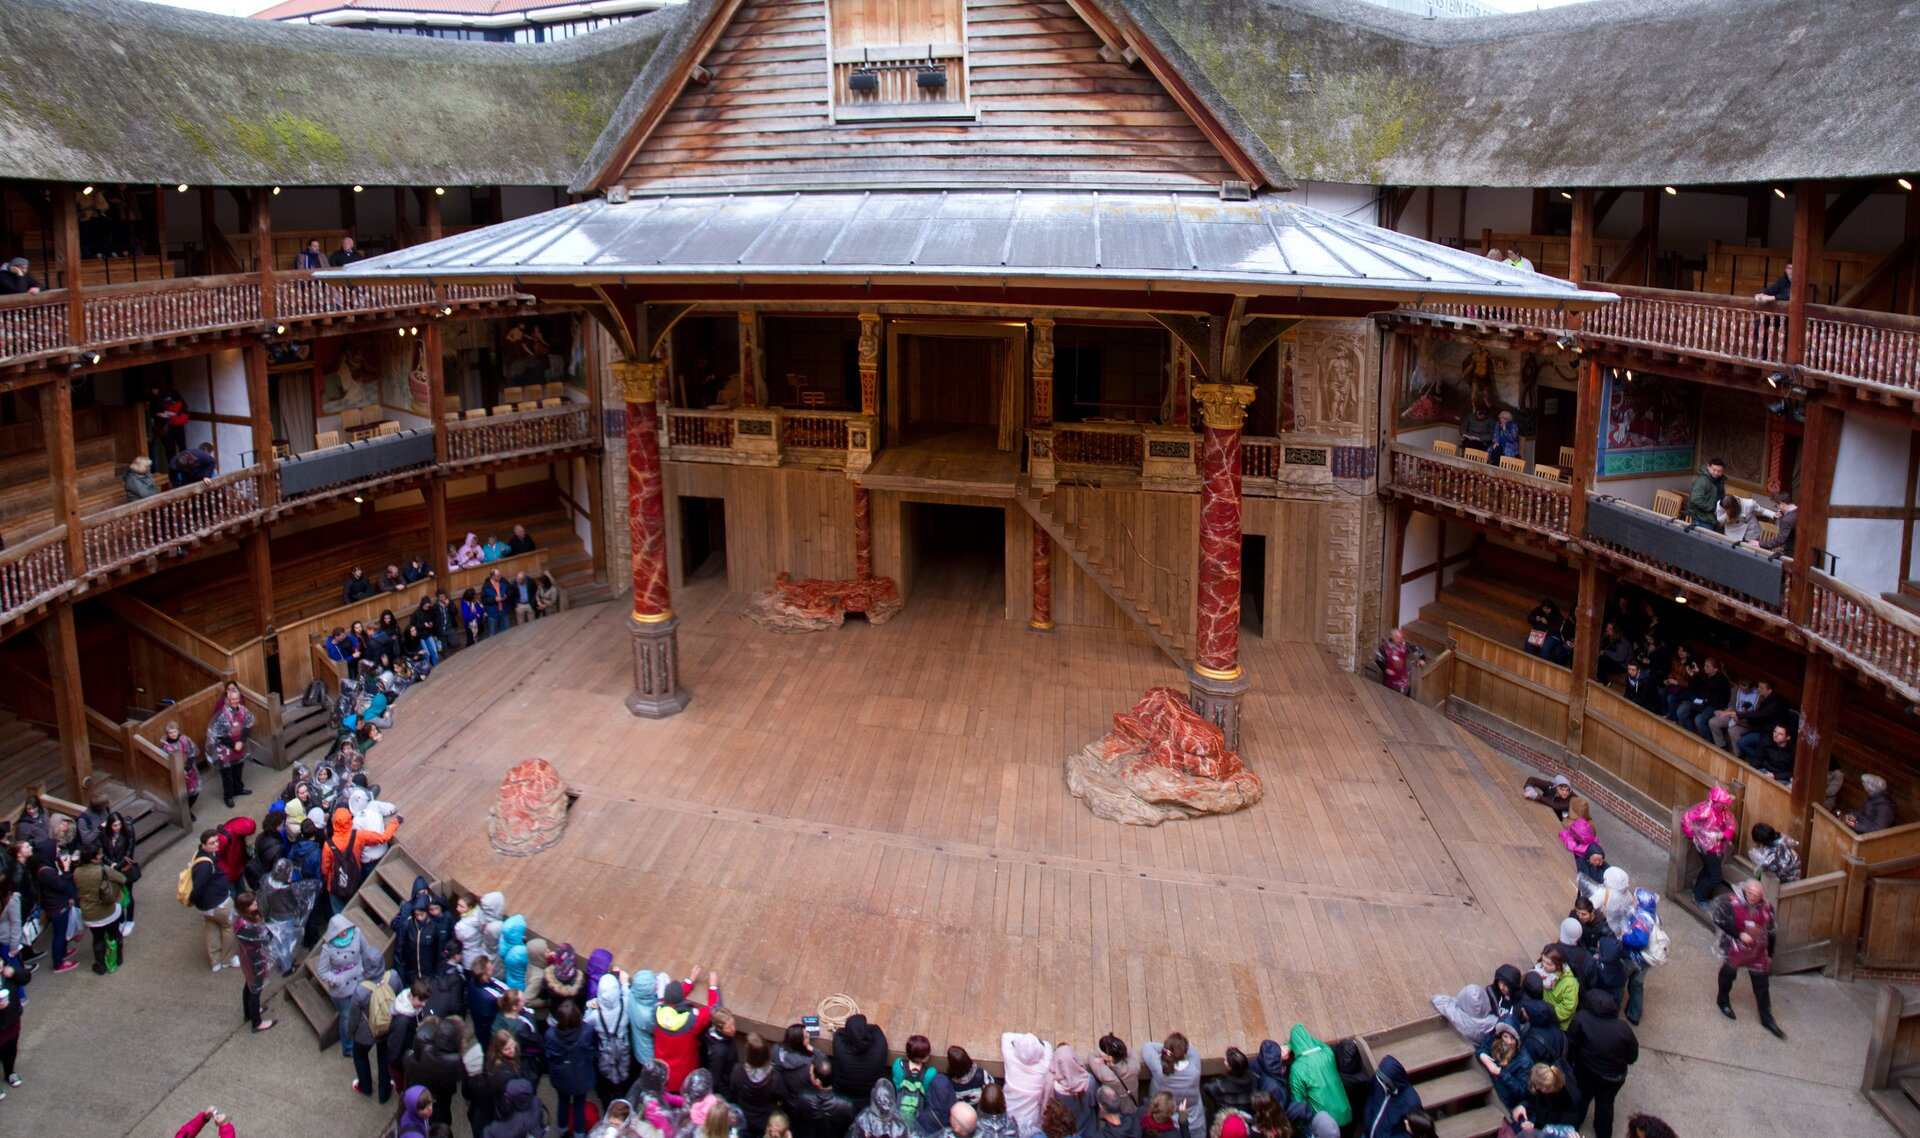 Tony Hisgett, scena teatru The Globe, fotografia Tak obecnie wygląda scena teatru The Globe, który działał wlatach 1599–1642. Dwa lata po zamknięciu teatru budynek został zburzony, azrekonstruowano go dopiero pod koniec XX wieku Źródło: Tony Hisgett, scena teatru The Globe, fotografia.